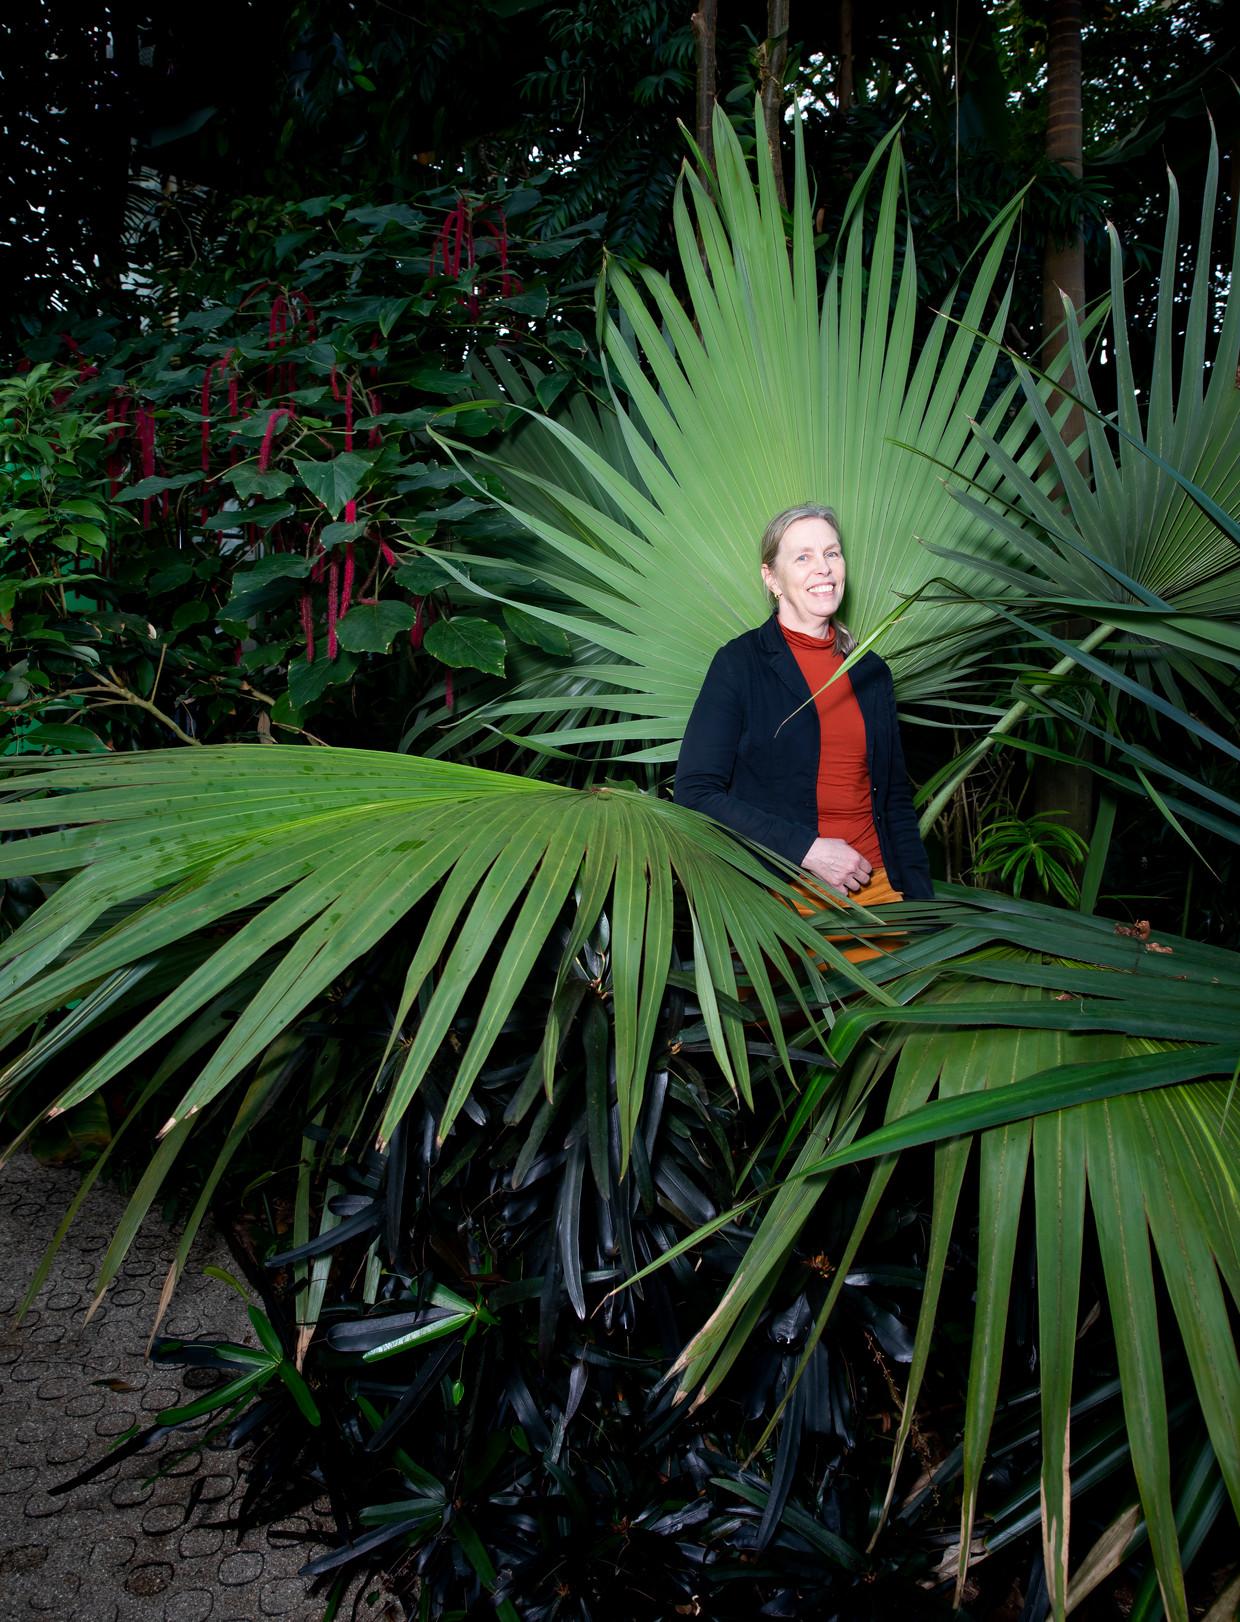 Leni Duistermaat in de Hortus van Leiden. 'Weet je dat er meer dan honderd soorten gras in Nederland staan? Al die verschillende vormen en variaties, daar heb ik een intrinsieke nieuwsgierigheid naar.'